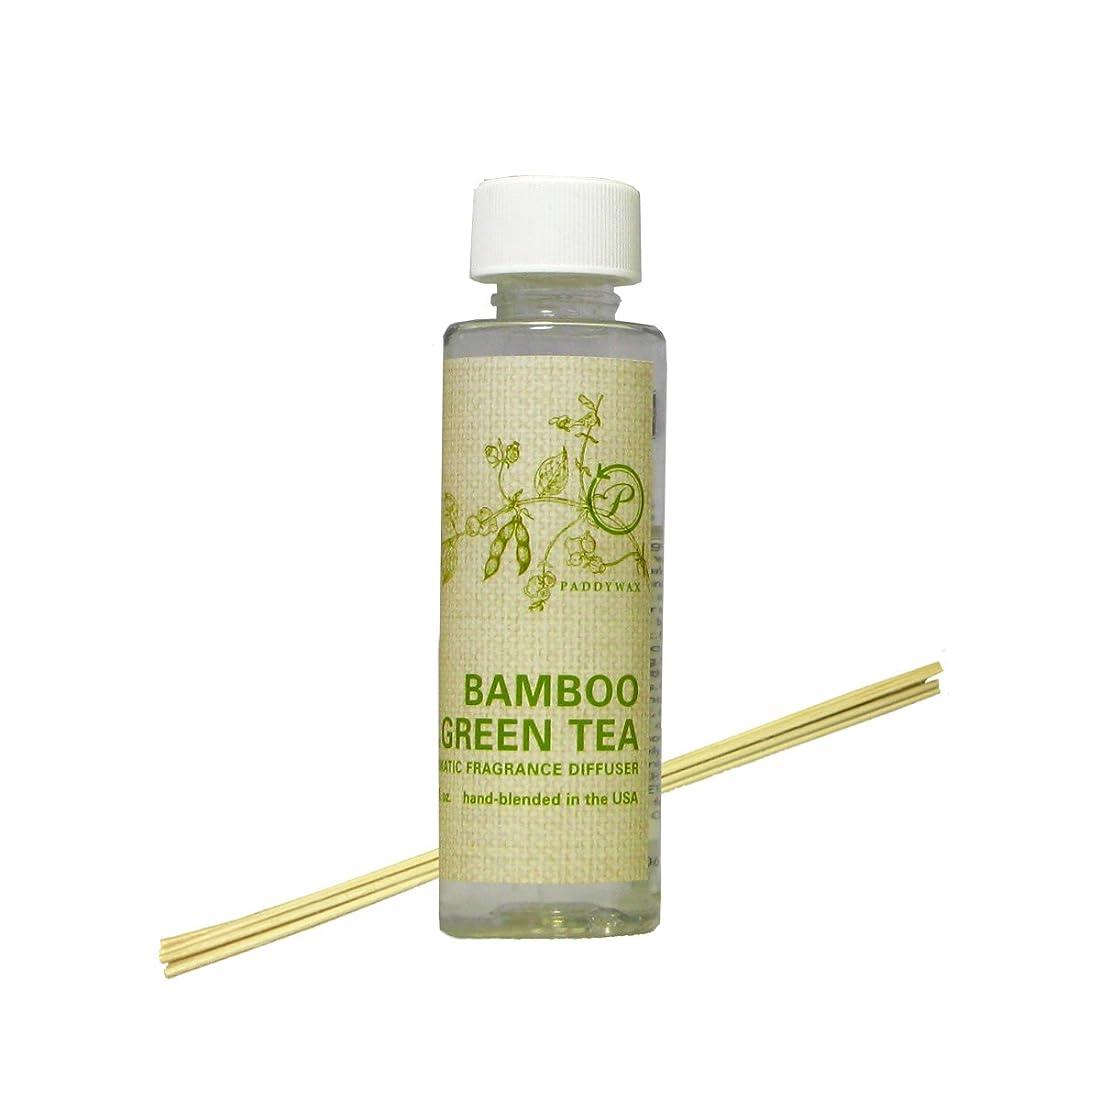 性格額間違っているPADDYWAX エコ グリーン リード ディフューザー リフィル BAMBOO and GREEN TEA(スティック付)